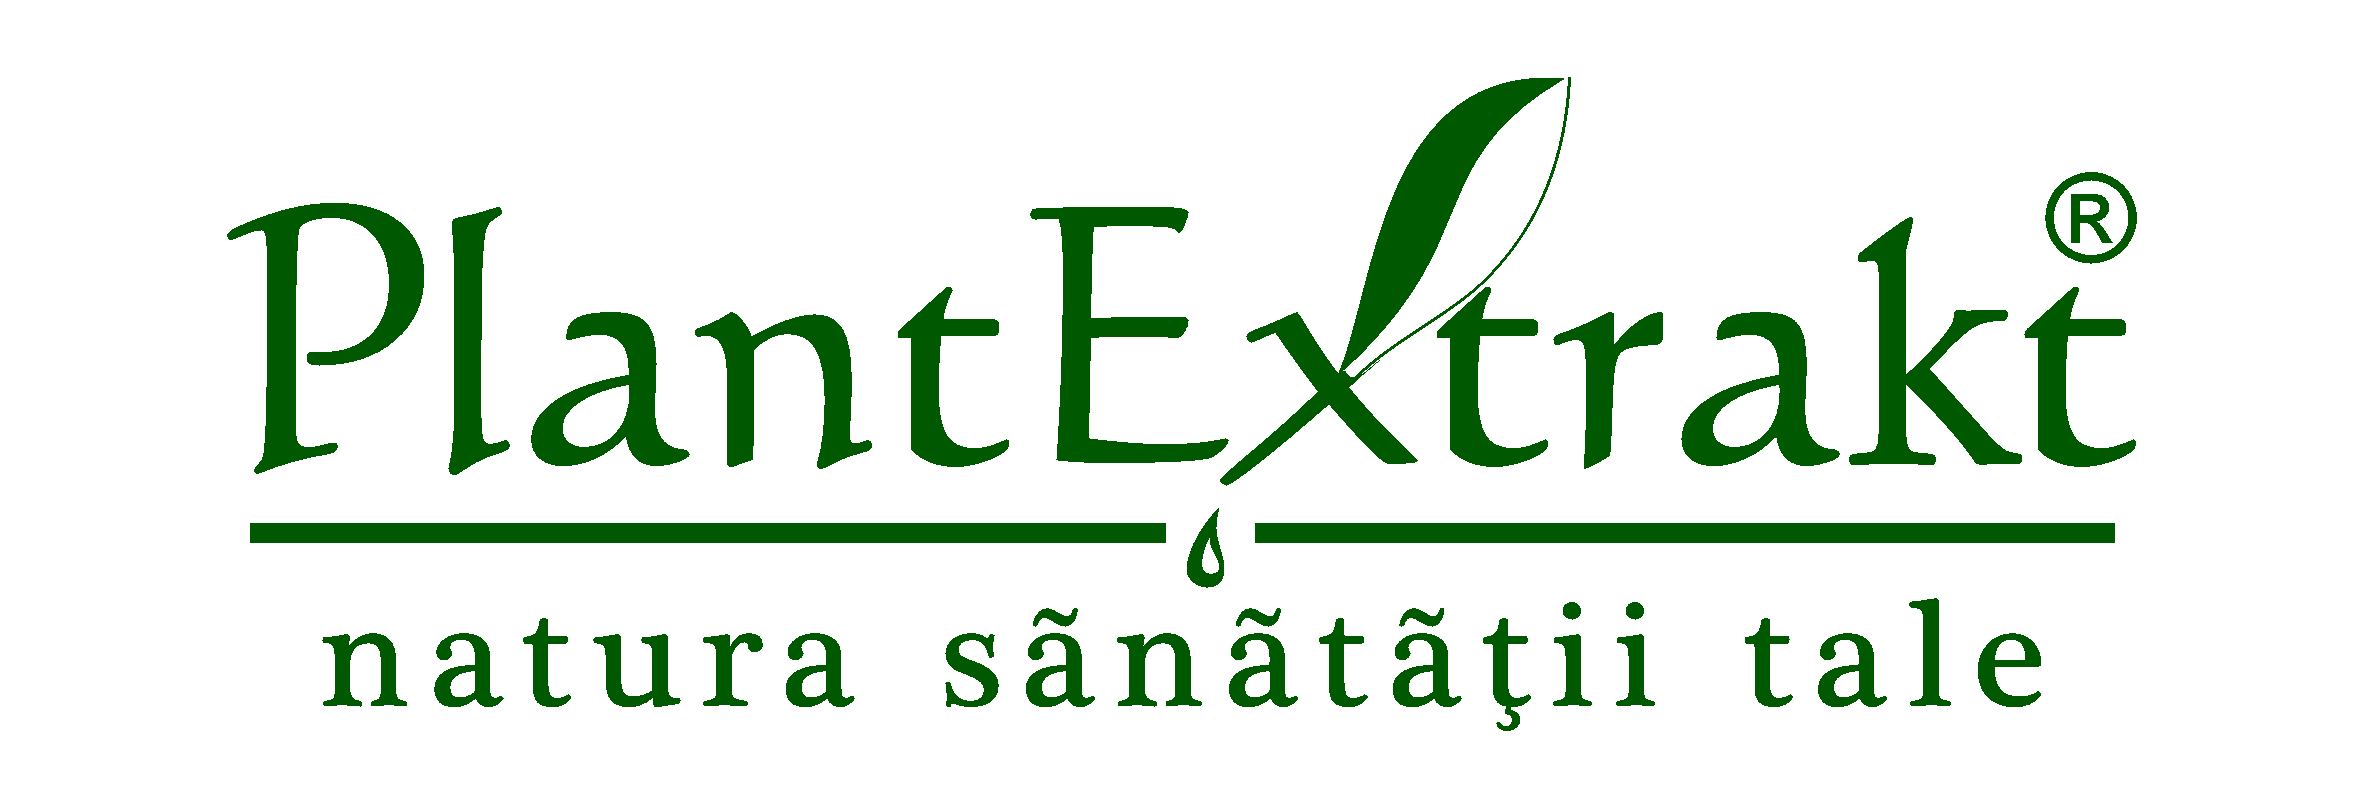 Plant Extrakt